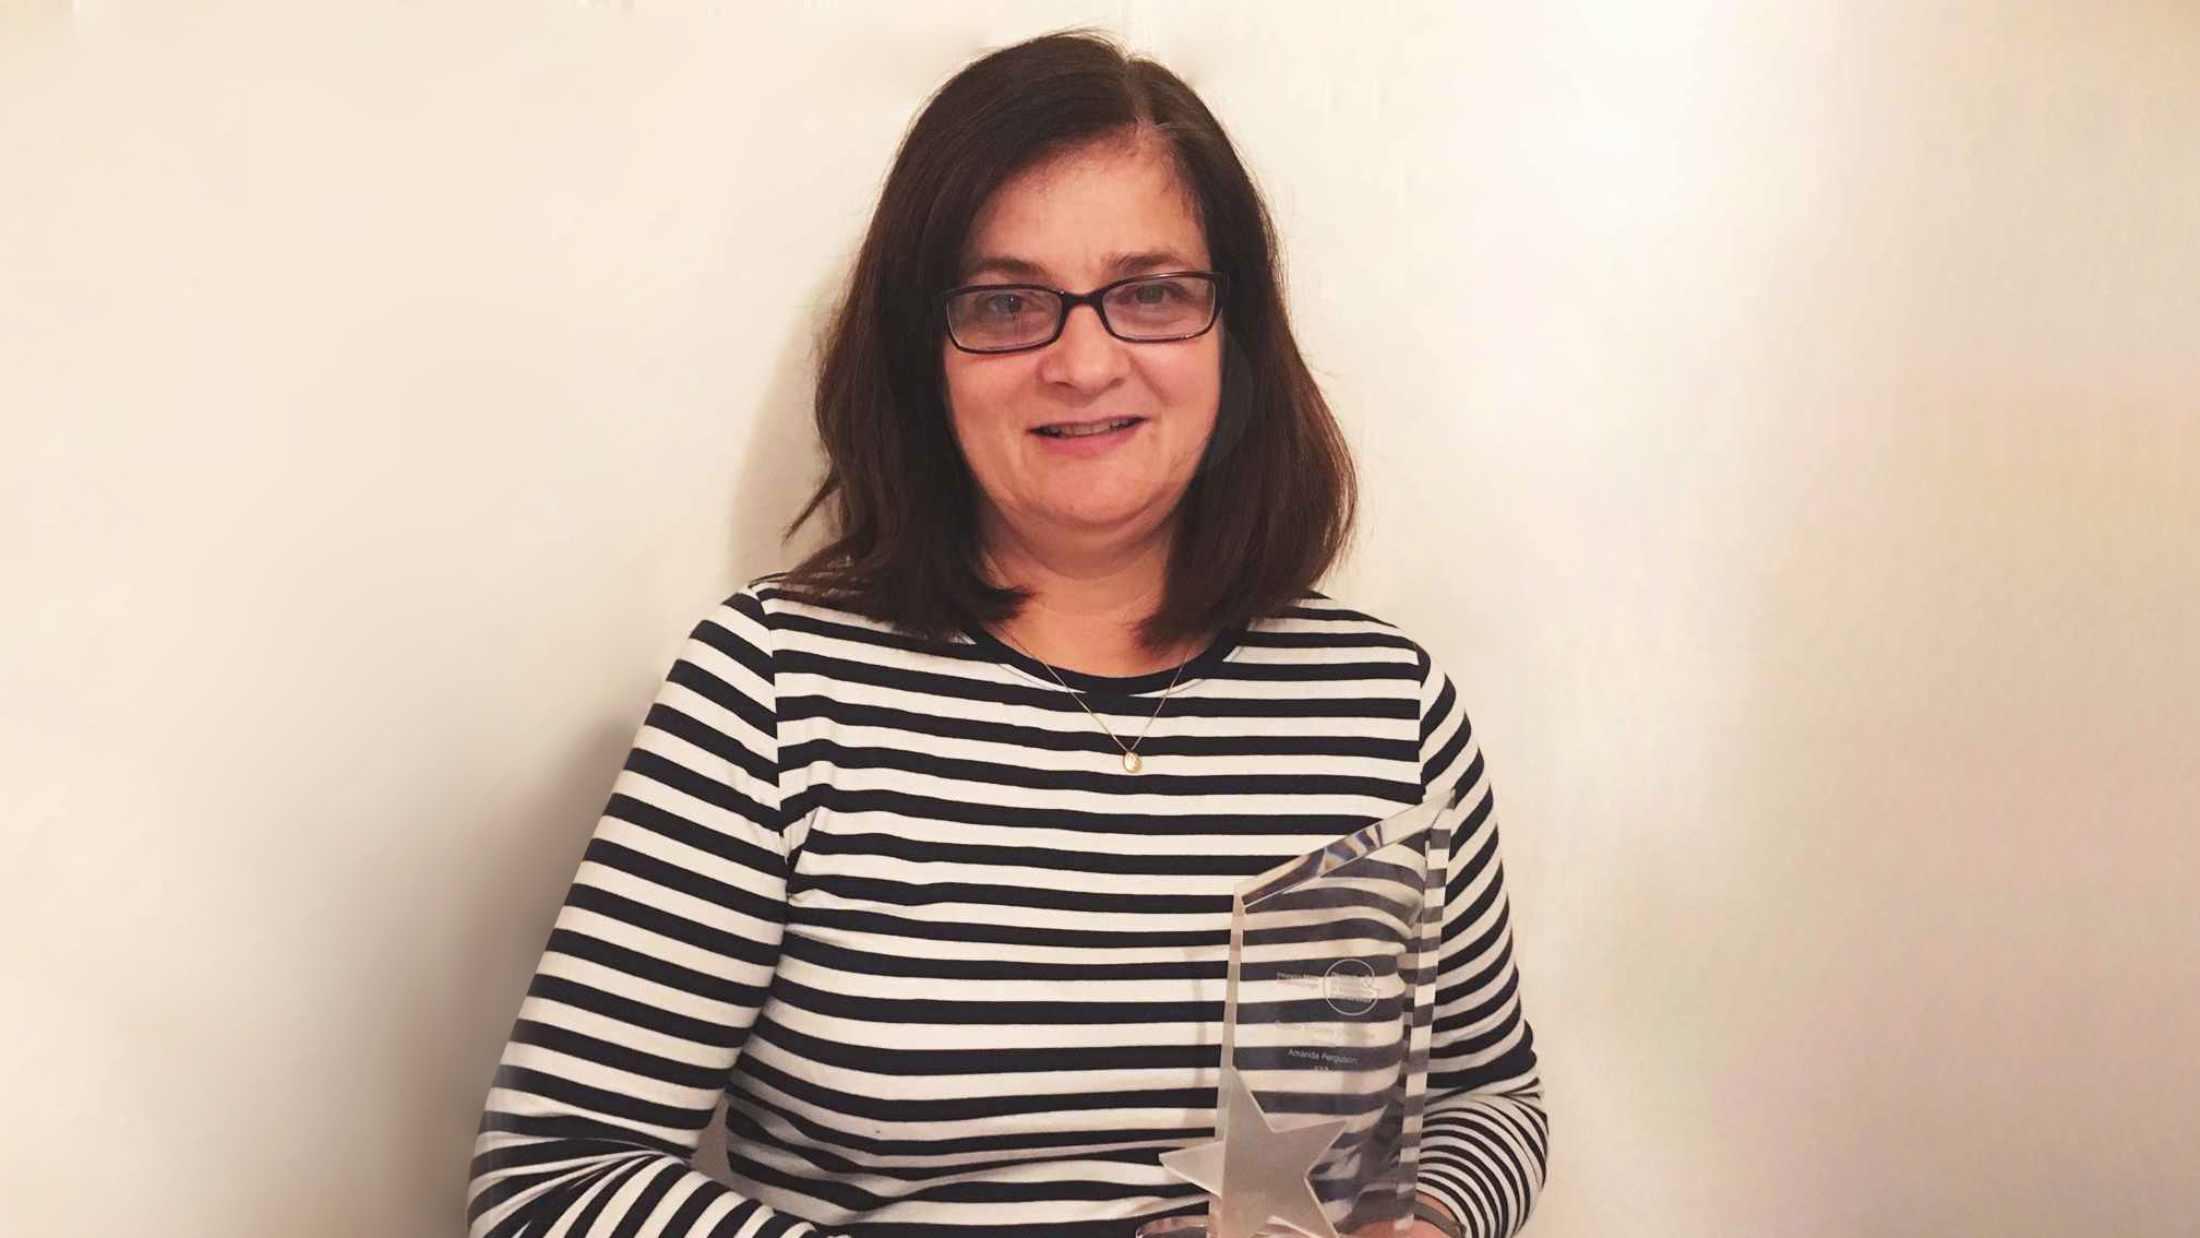 Amanda Ferguson, Chair of AXA UK's Gender Equality Employee Resource Group